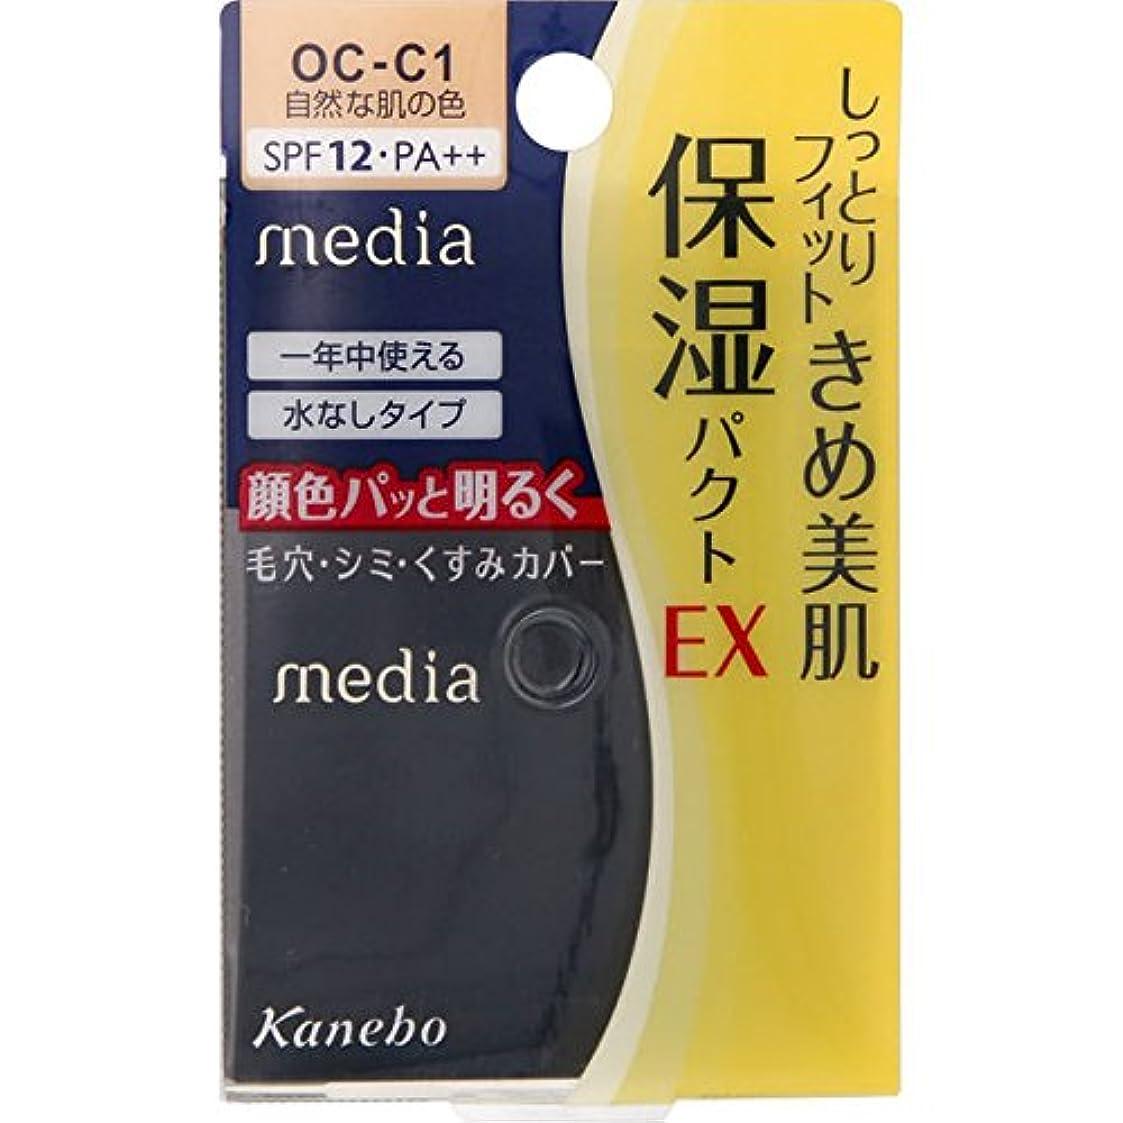 長老ダーリン無条件カネボウ メディア モイストフィットパクトEX OC-C1(11g)